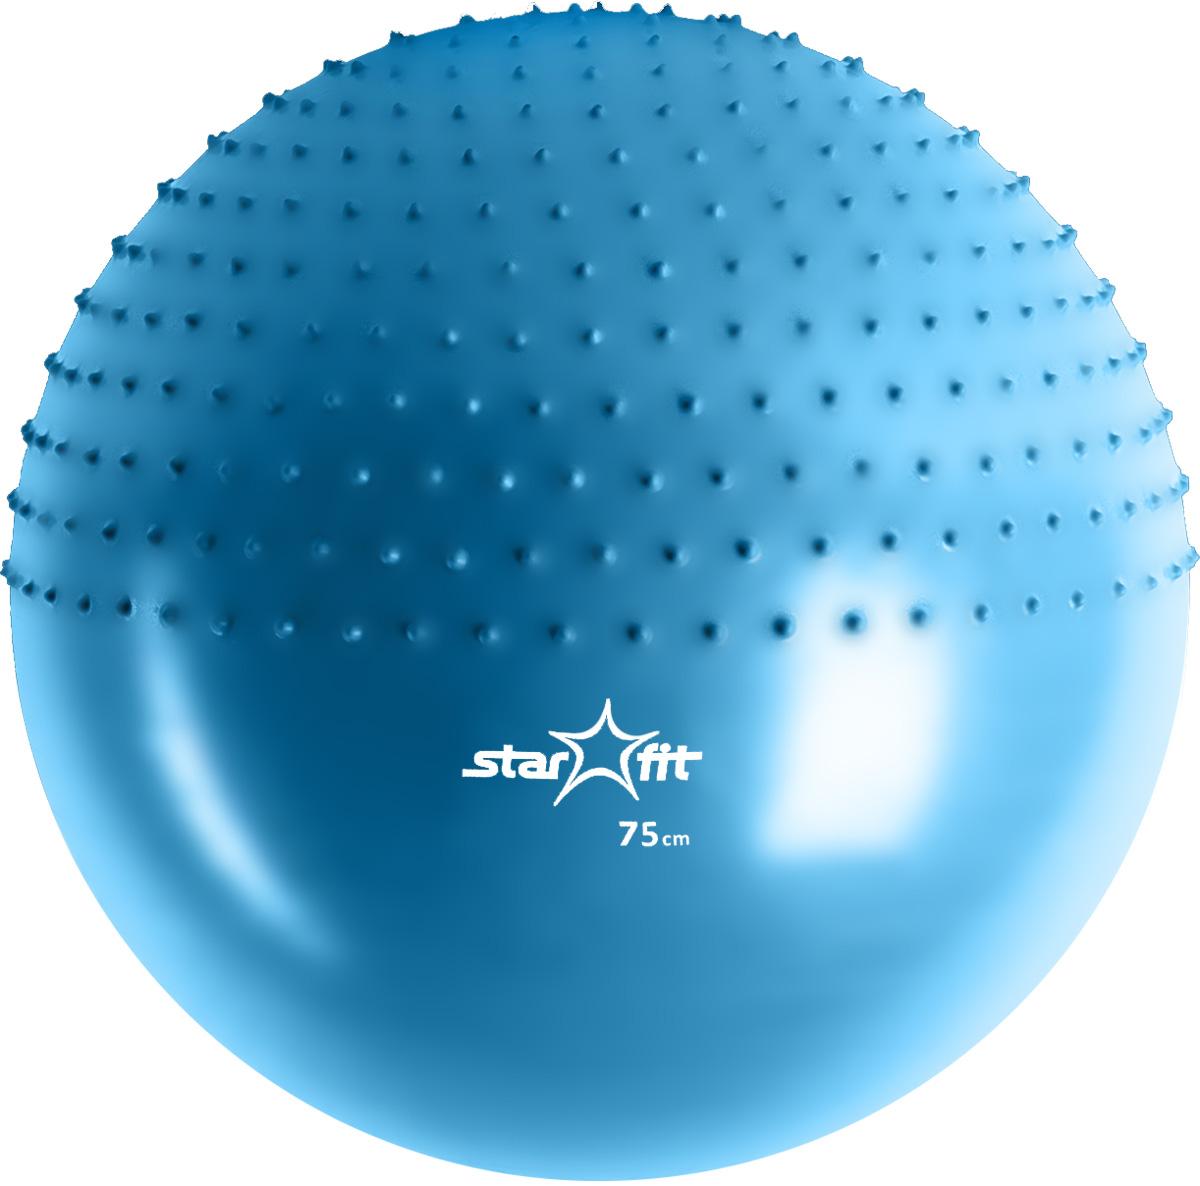 Мяч гимнастический Starfit, полумассажный, цвет: синий, диаметр 75 смSF 0085Мяч гимнастический Star Fit, изготовленный их ПВХ с защитой от взрыва, отлично подойдет для занятий фитнесом. Его используют как женщины, так и мужчины в функциональном тренинге, бодибилдинге, групповых программах, стретчинге (растяжке). Мяч эффективно тренирует ноги, спину, грудь, дельтовидные мышцы, бицепсы, трицепсы и пресс. С помощью такого мяча можно тренировать все мышцы тела, правильно выстроив тренировочный процесс и используя его как основной или второстепенный снаряд для упражнения. Также его удобно использовать для массажа мышц с повышенным тонусом. Мяч обладает неоспоримым преимуществом. Его удобство заключается в том, что всегда можно поменять сторону использования с простого гимнастического на массажный и обратно. Гимнастический мяч - это незаменимый и один из самых популярных аксессуаров в фитнесе.УВАЖЕМЫЕ КЛИЕНТЫ!Обращаем ваше внимание на тот факт, что мяч поставляется в сдутом виде. Насос в комплект не входит.